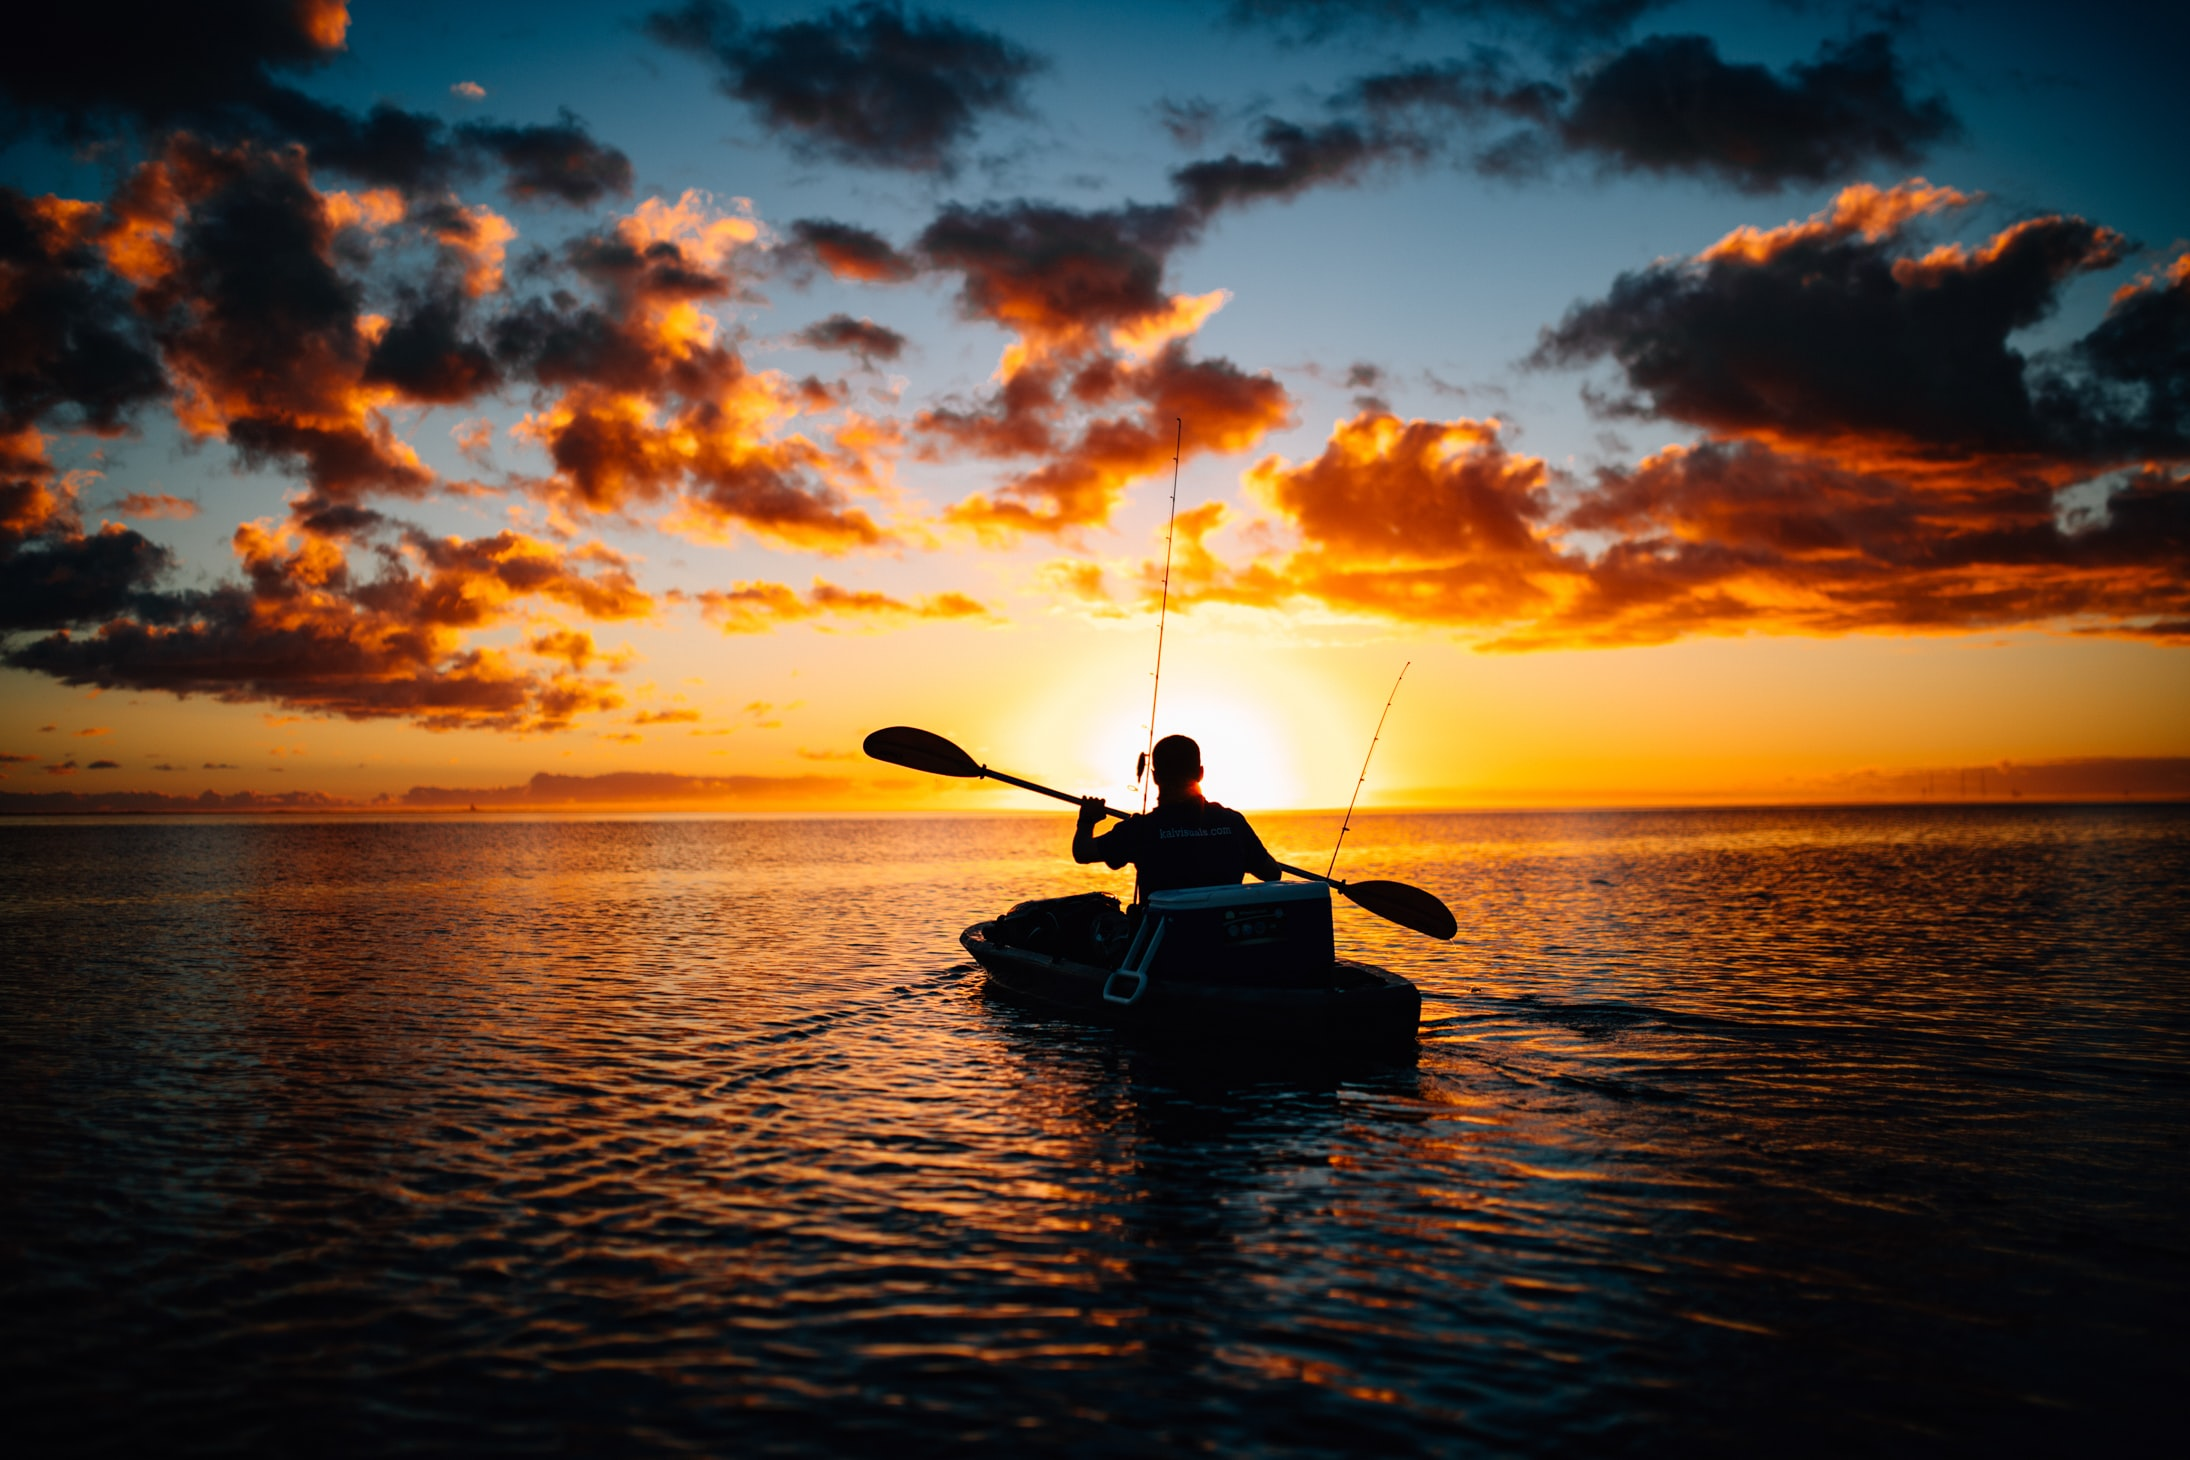 A man kayaks toward a beautiful red sunset.